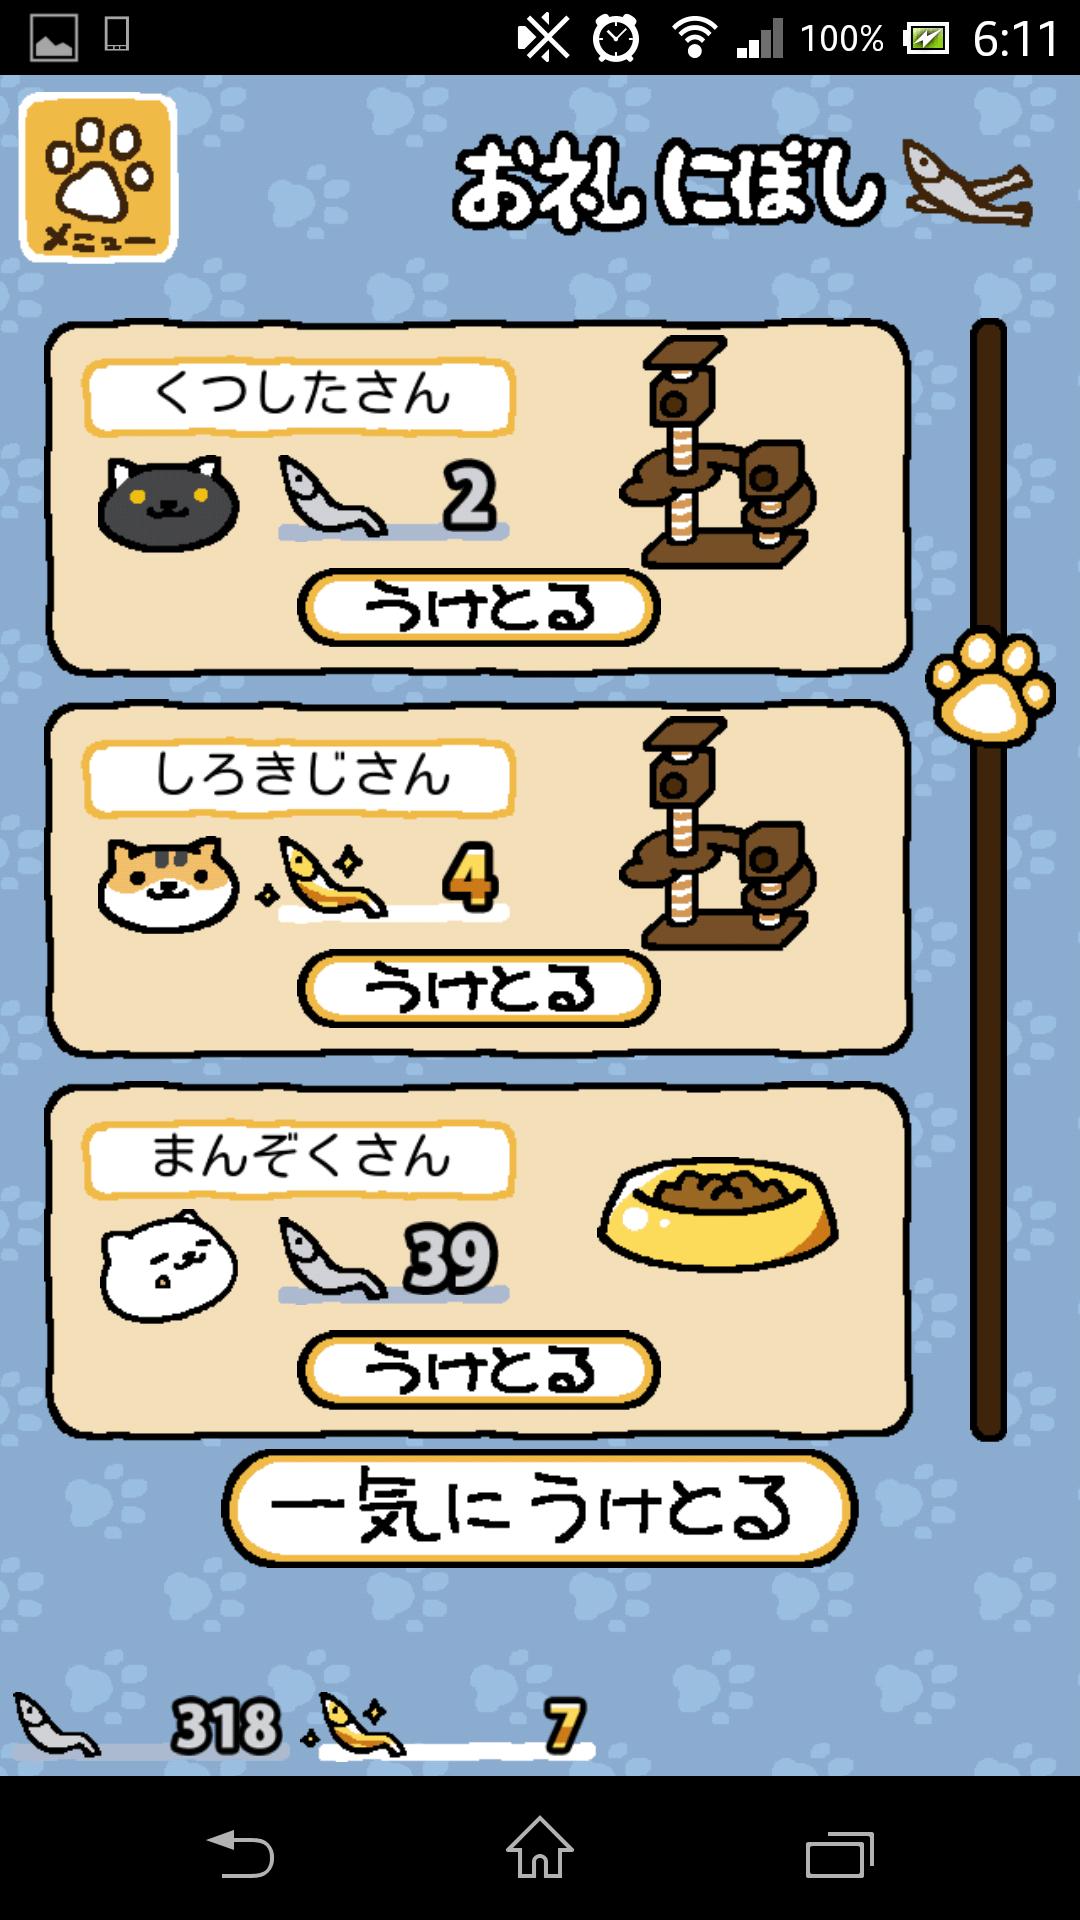 金にぼし4個.png